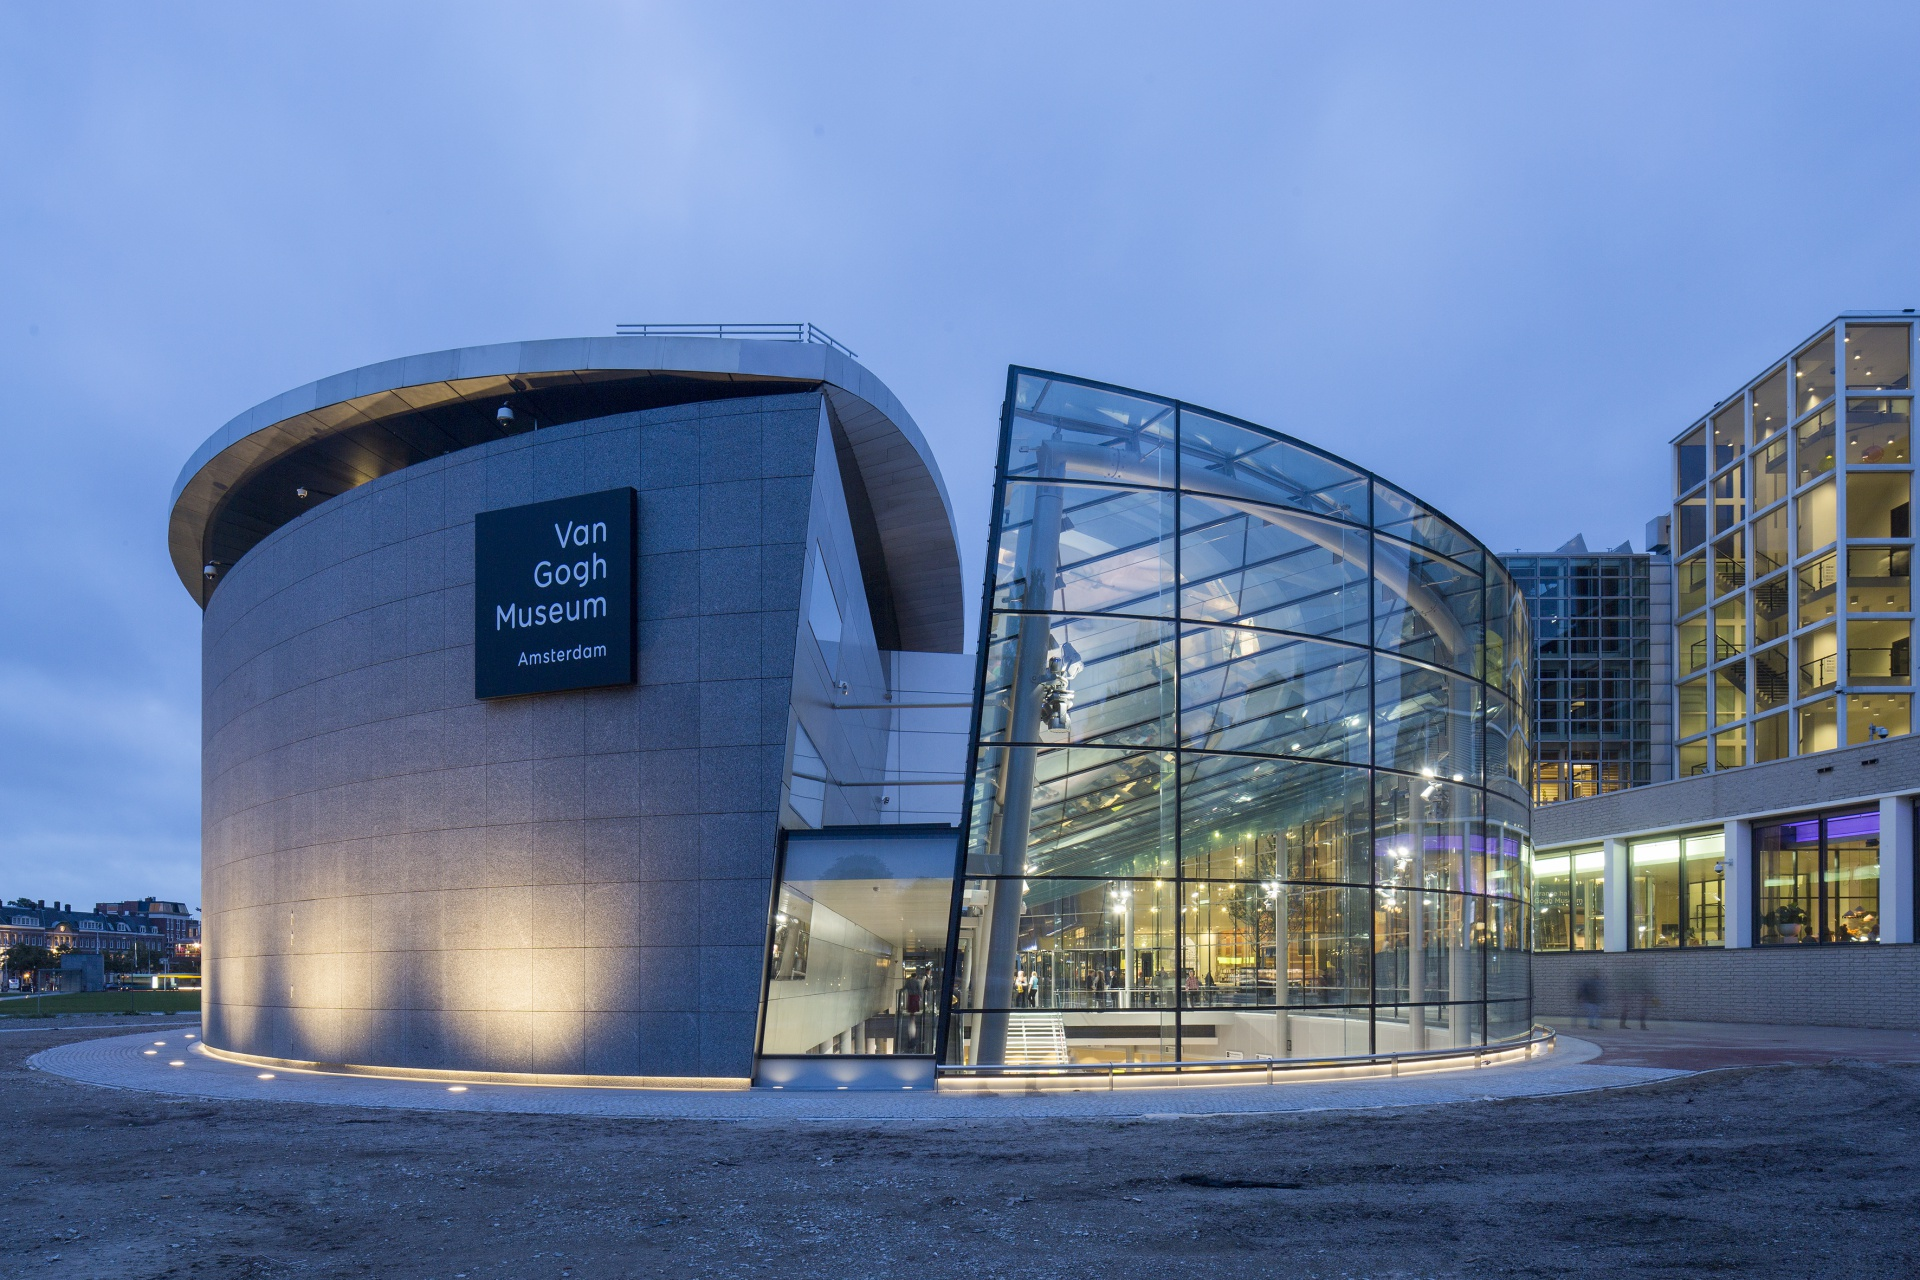 Amsterdam, punti di interesse: Van Gogh Museum, Amsterdam